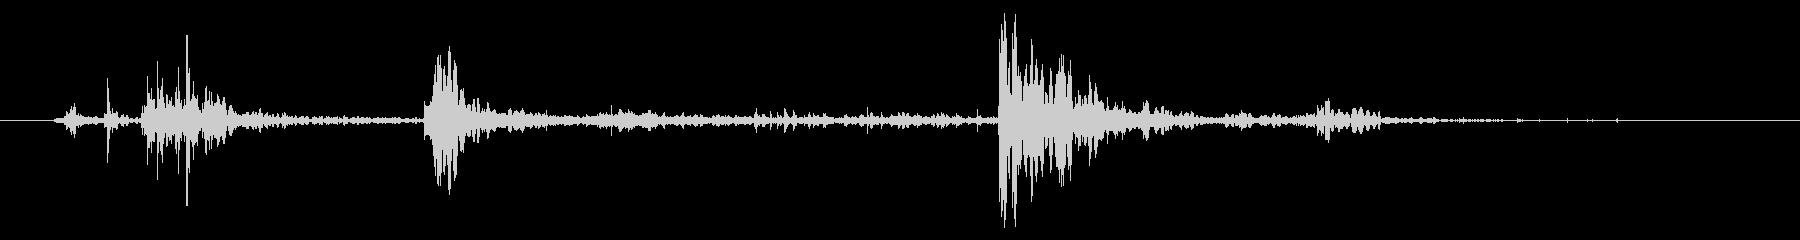 ミディアムロック:タンブルダウンヒルの未再生の波形